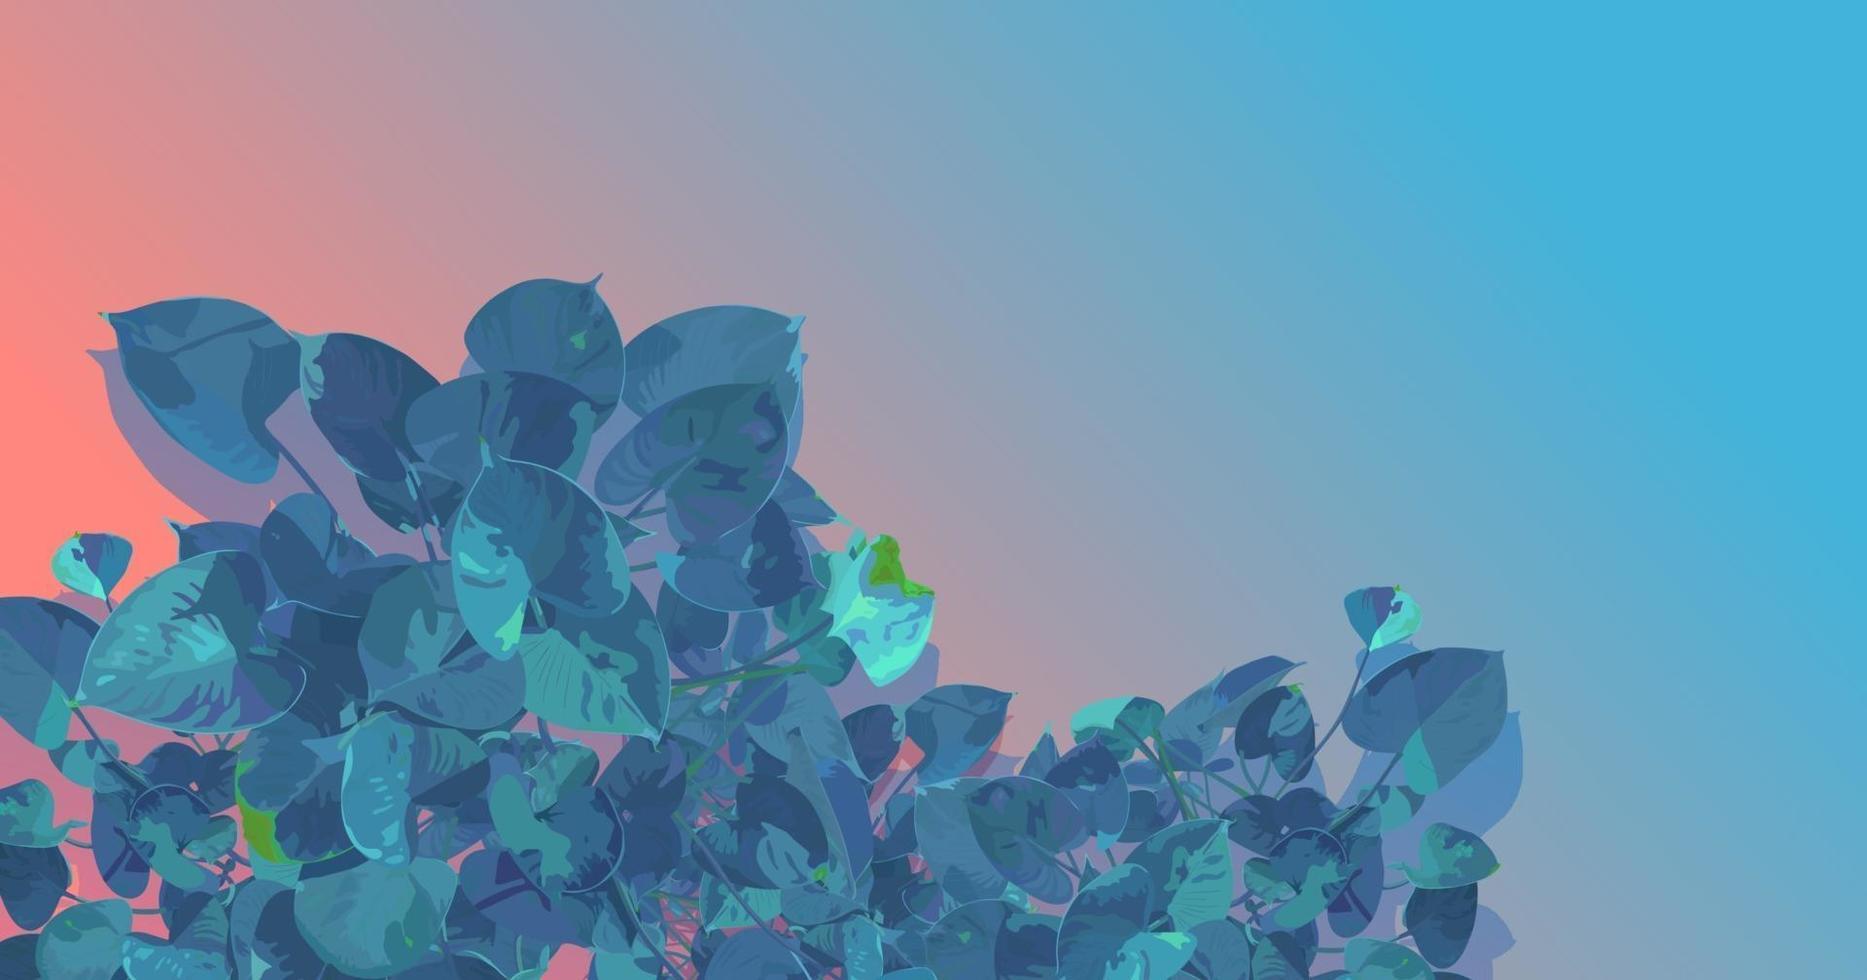 estilo plano de vetor de folha de araceae em fundo gradiente azul e laranja pastel. emoção nostálgica sentimento estético